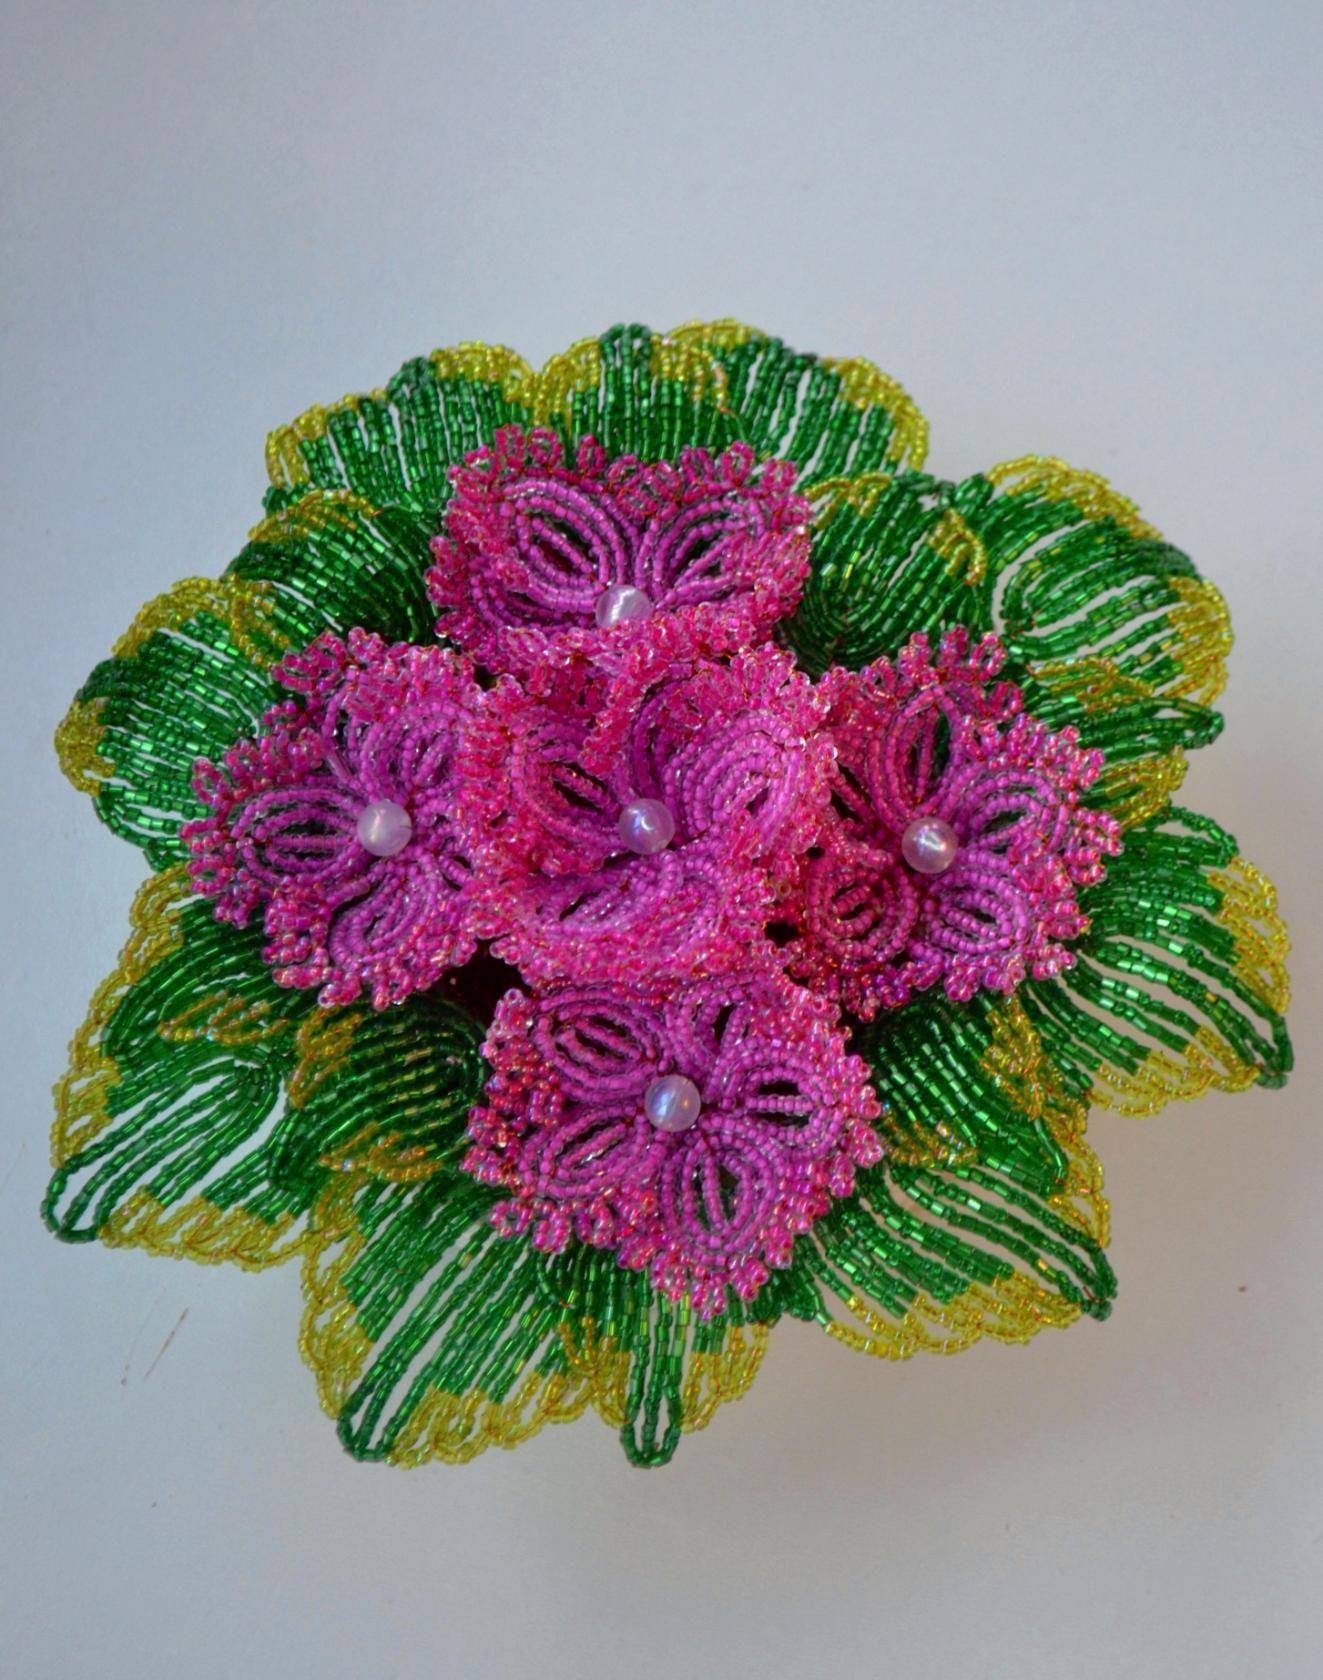 8марта бисер фиалки букет сувенир весна подарок цветы